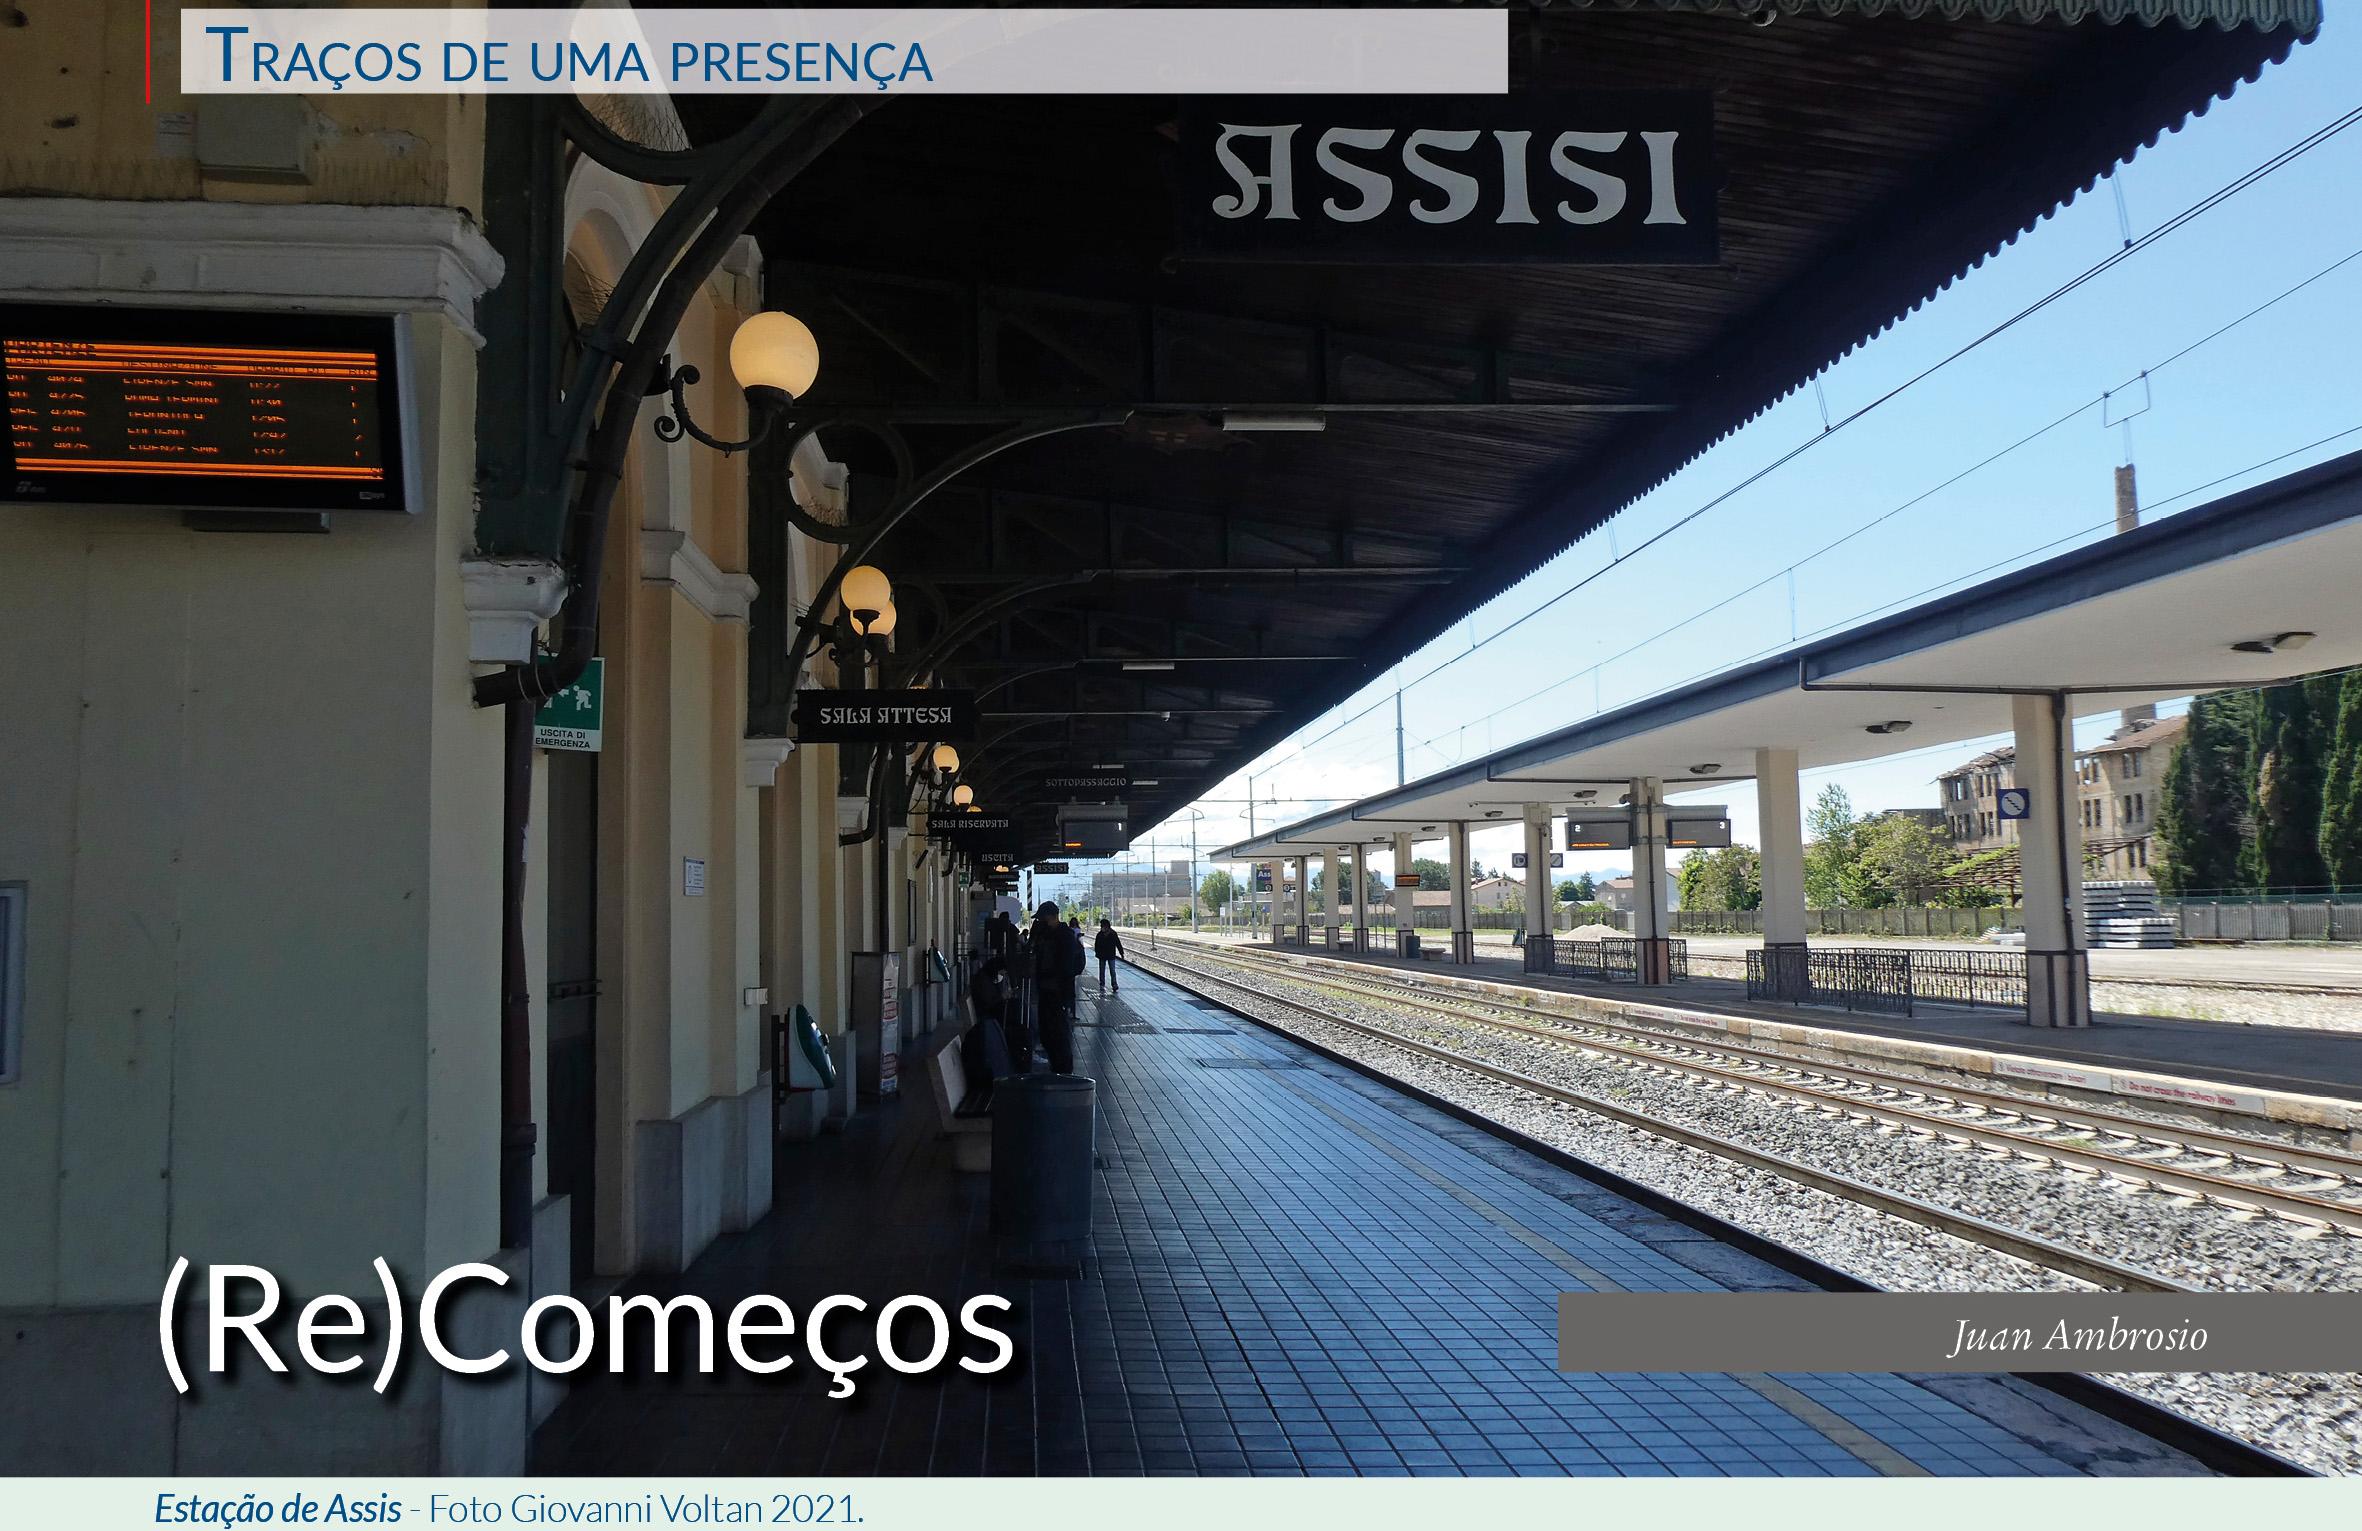 Estação de Assis - Foto Giovanni Voltan 2021.